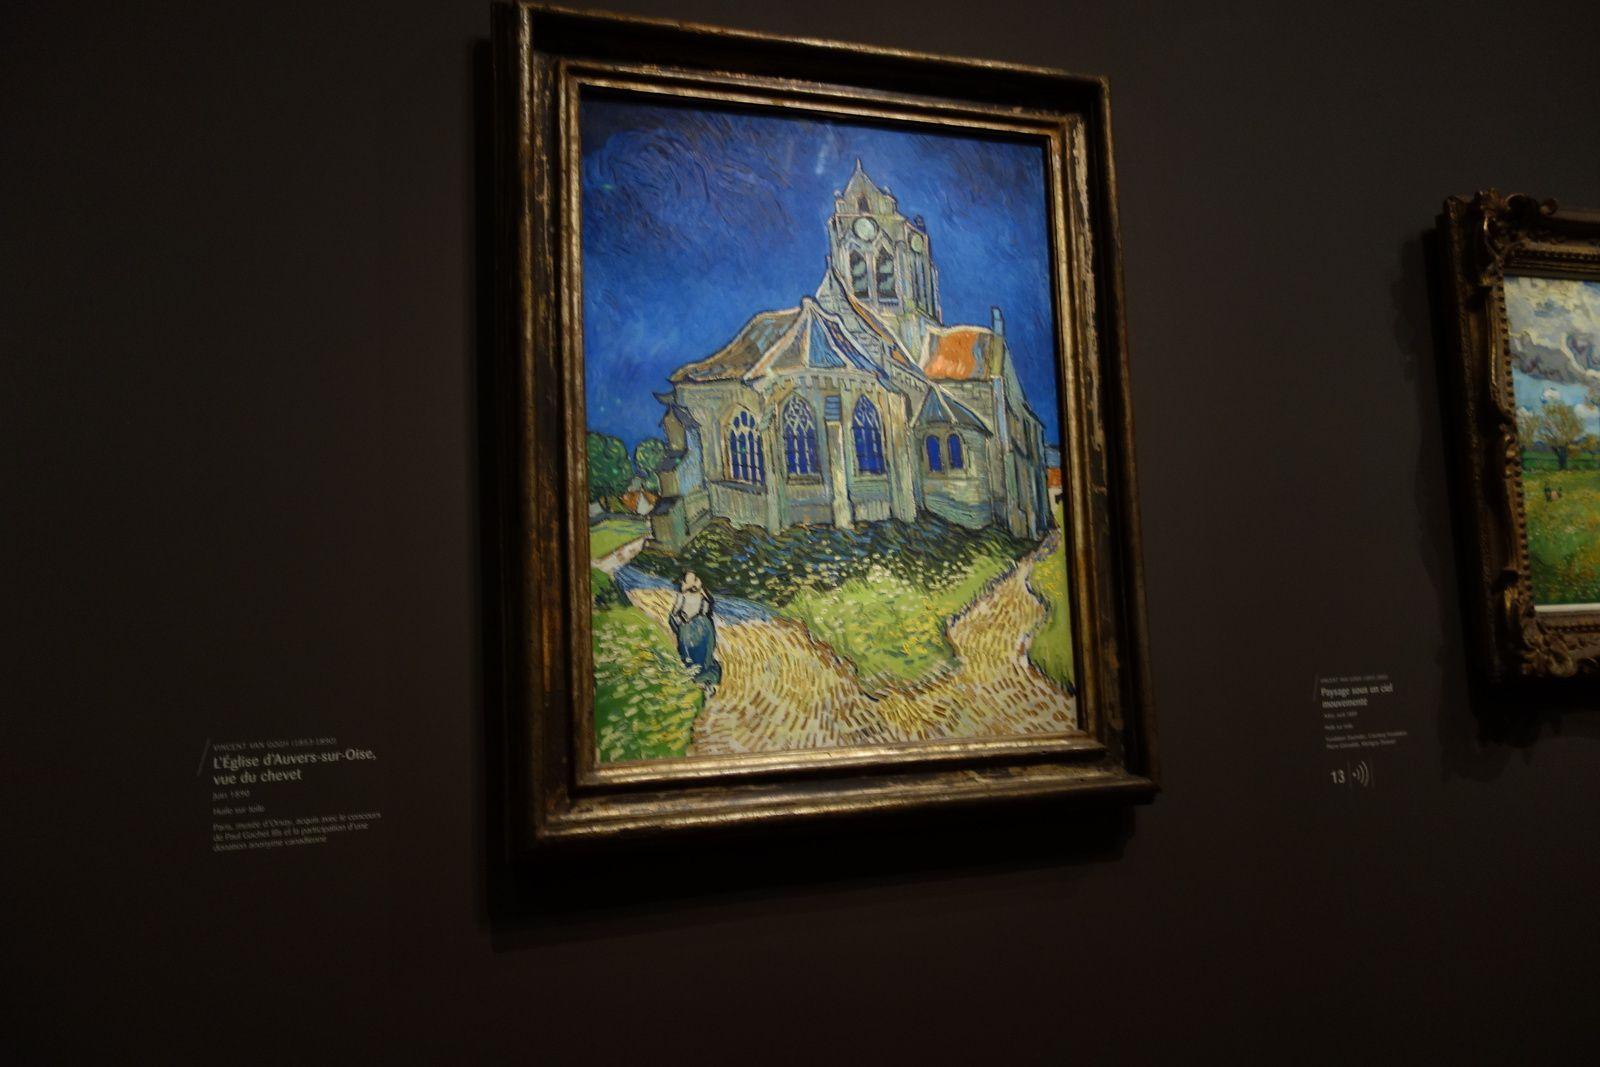 Sur les murs en velours noir, les tableaux du peintre ressortent, c'est sublime. Ici, l'église d'Auvers-sur-Oise